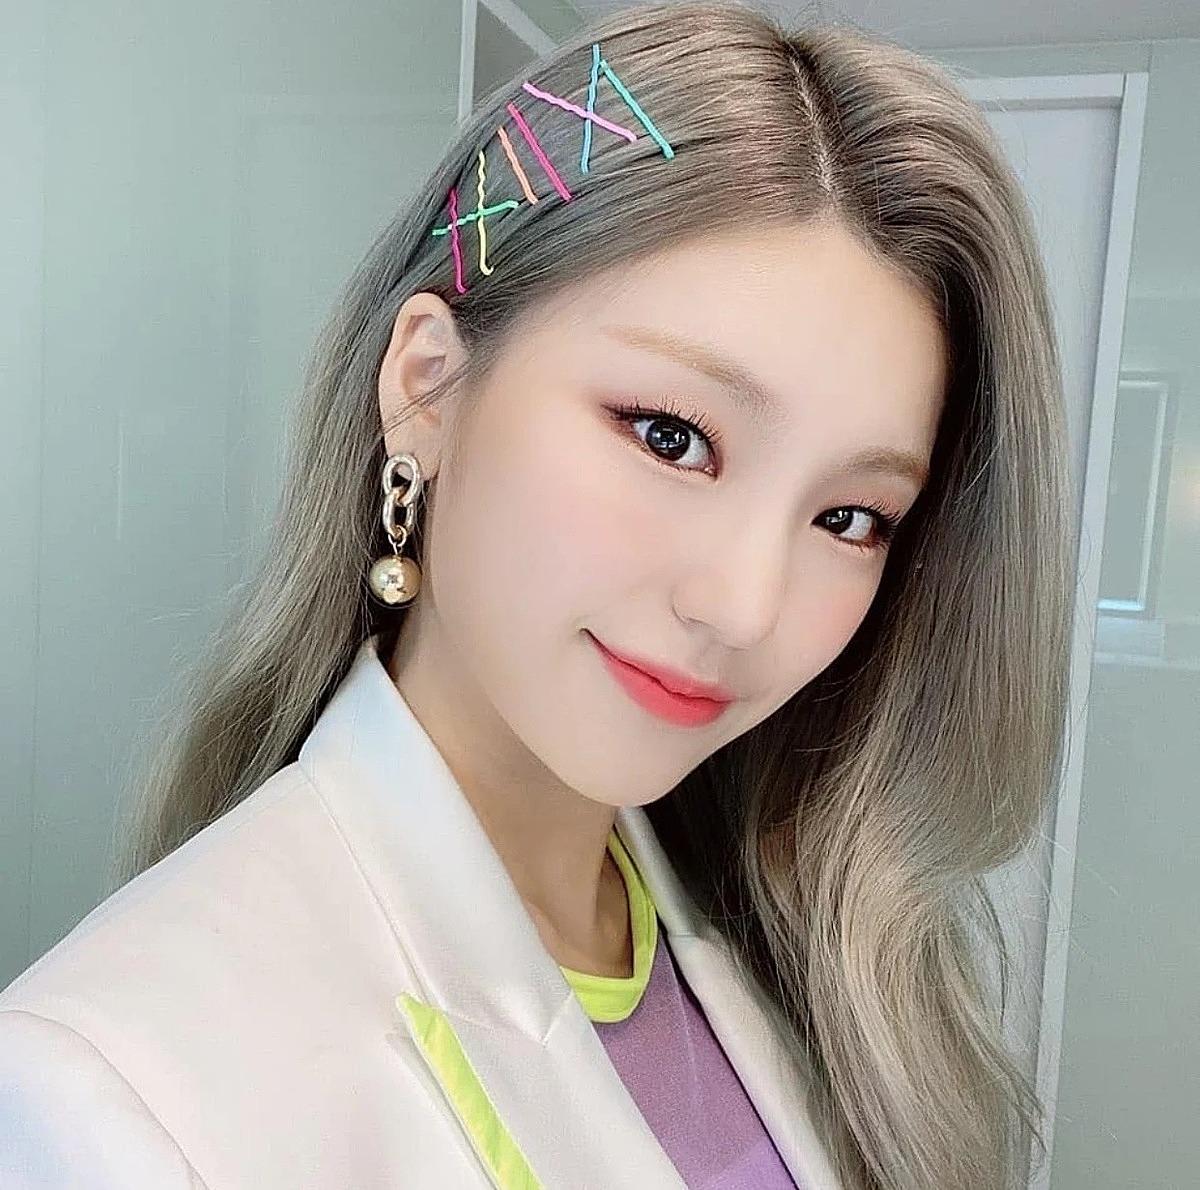 5 phụ kiện tóc đặc trưng năm 2000 được idol Hàn lăng xê lại - Ảnh 10